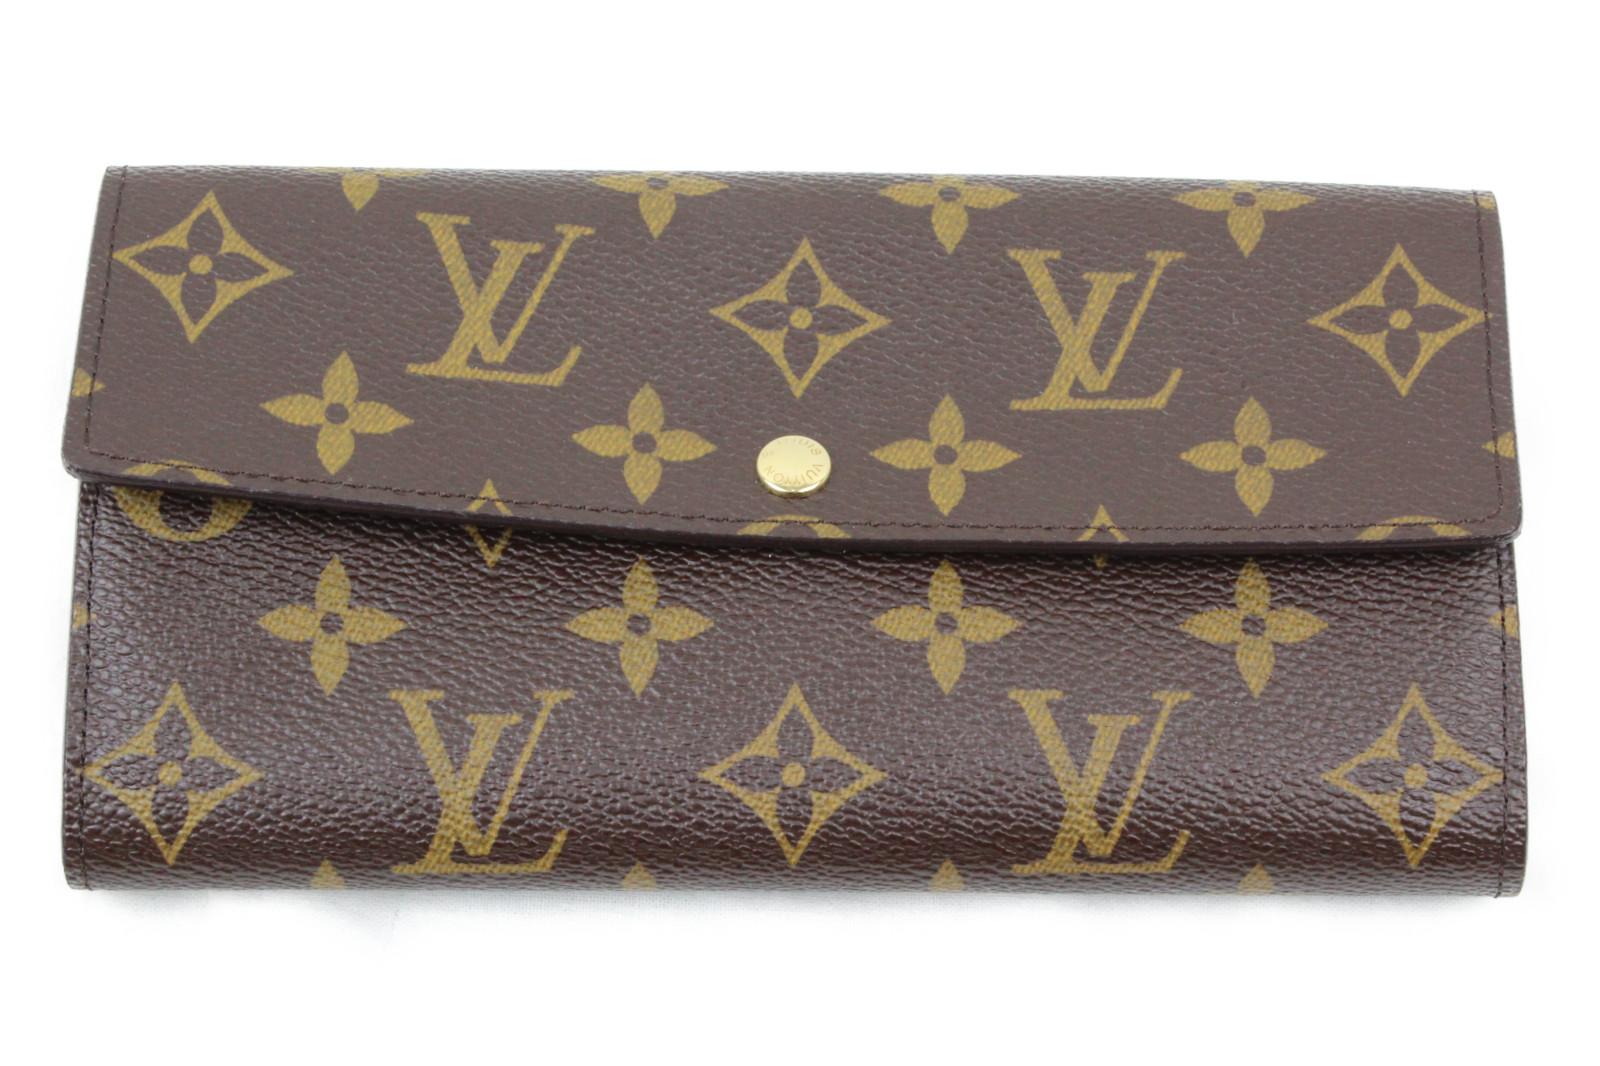 【箱、布袋有り】LOUIS VUITTON ルイヴィトン M61734 ポルトフォイユ・サラ モノグラム 二つ折り長財布 レディース 女性 ブランド プレゼント ギフト 【中古】